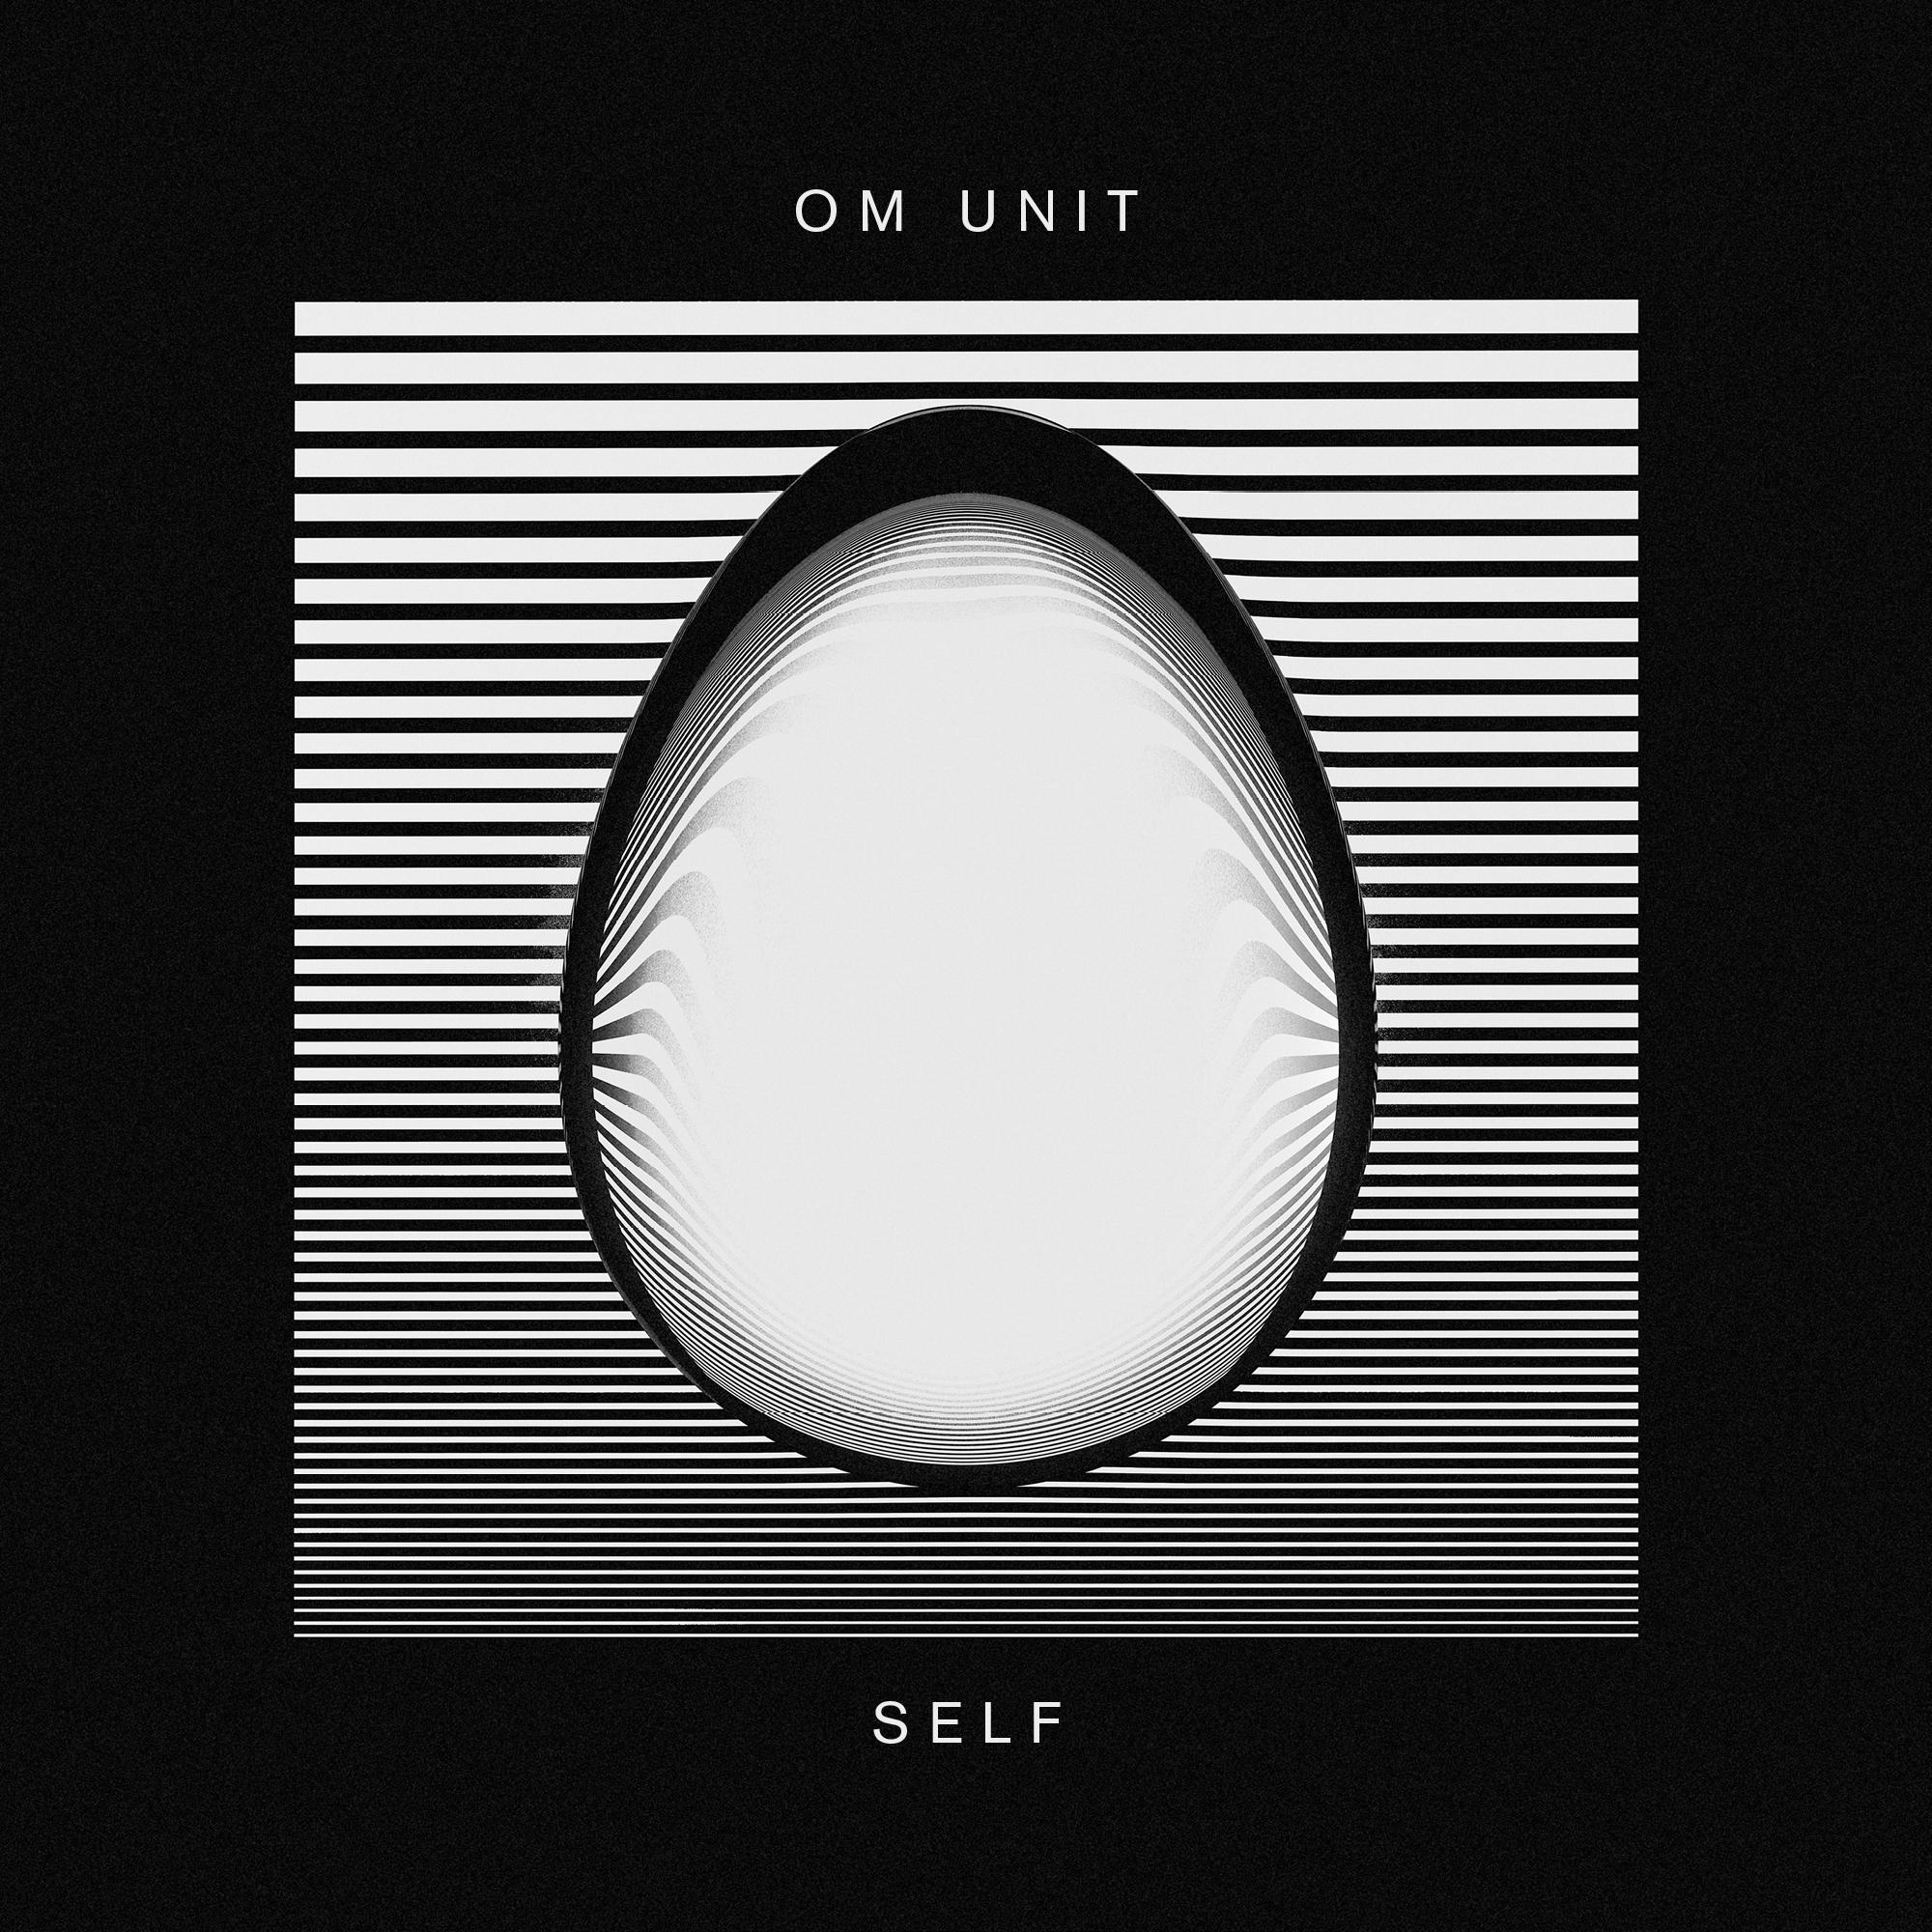 Om Unit/SELF DLP